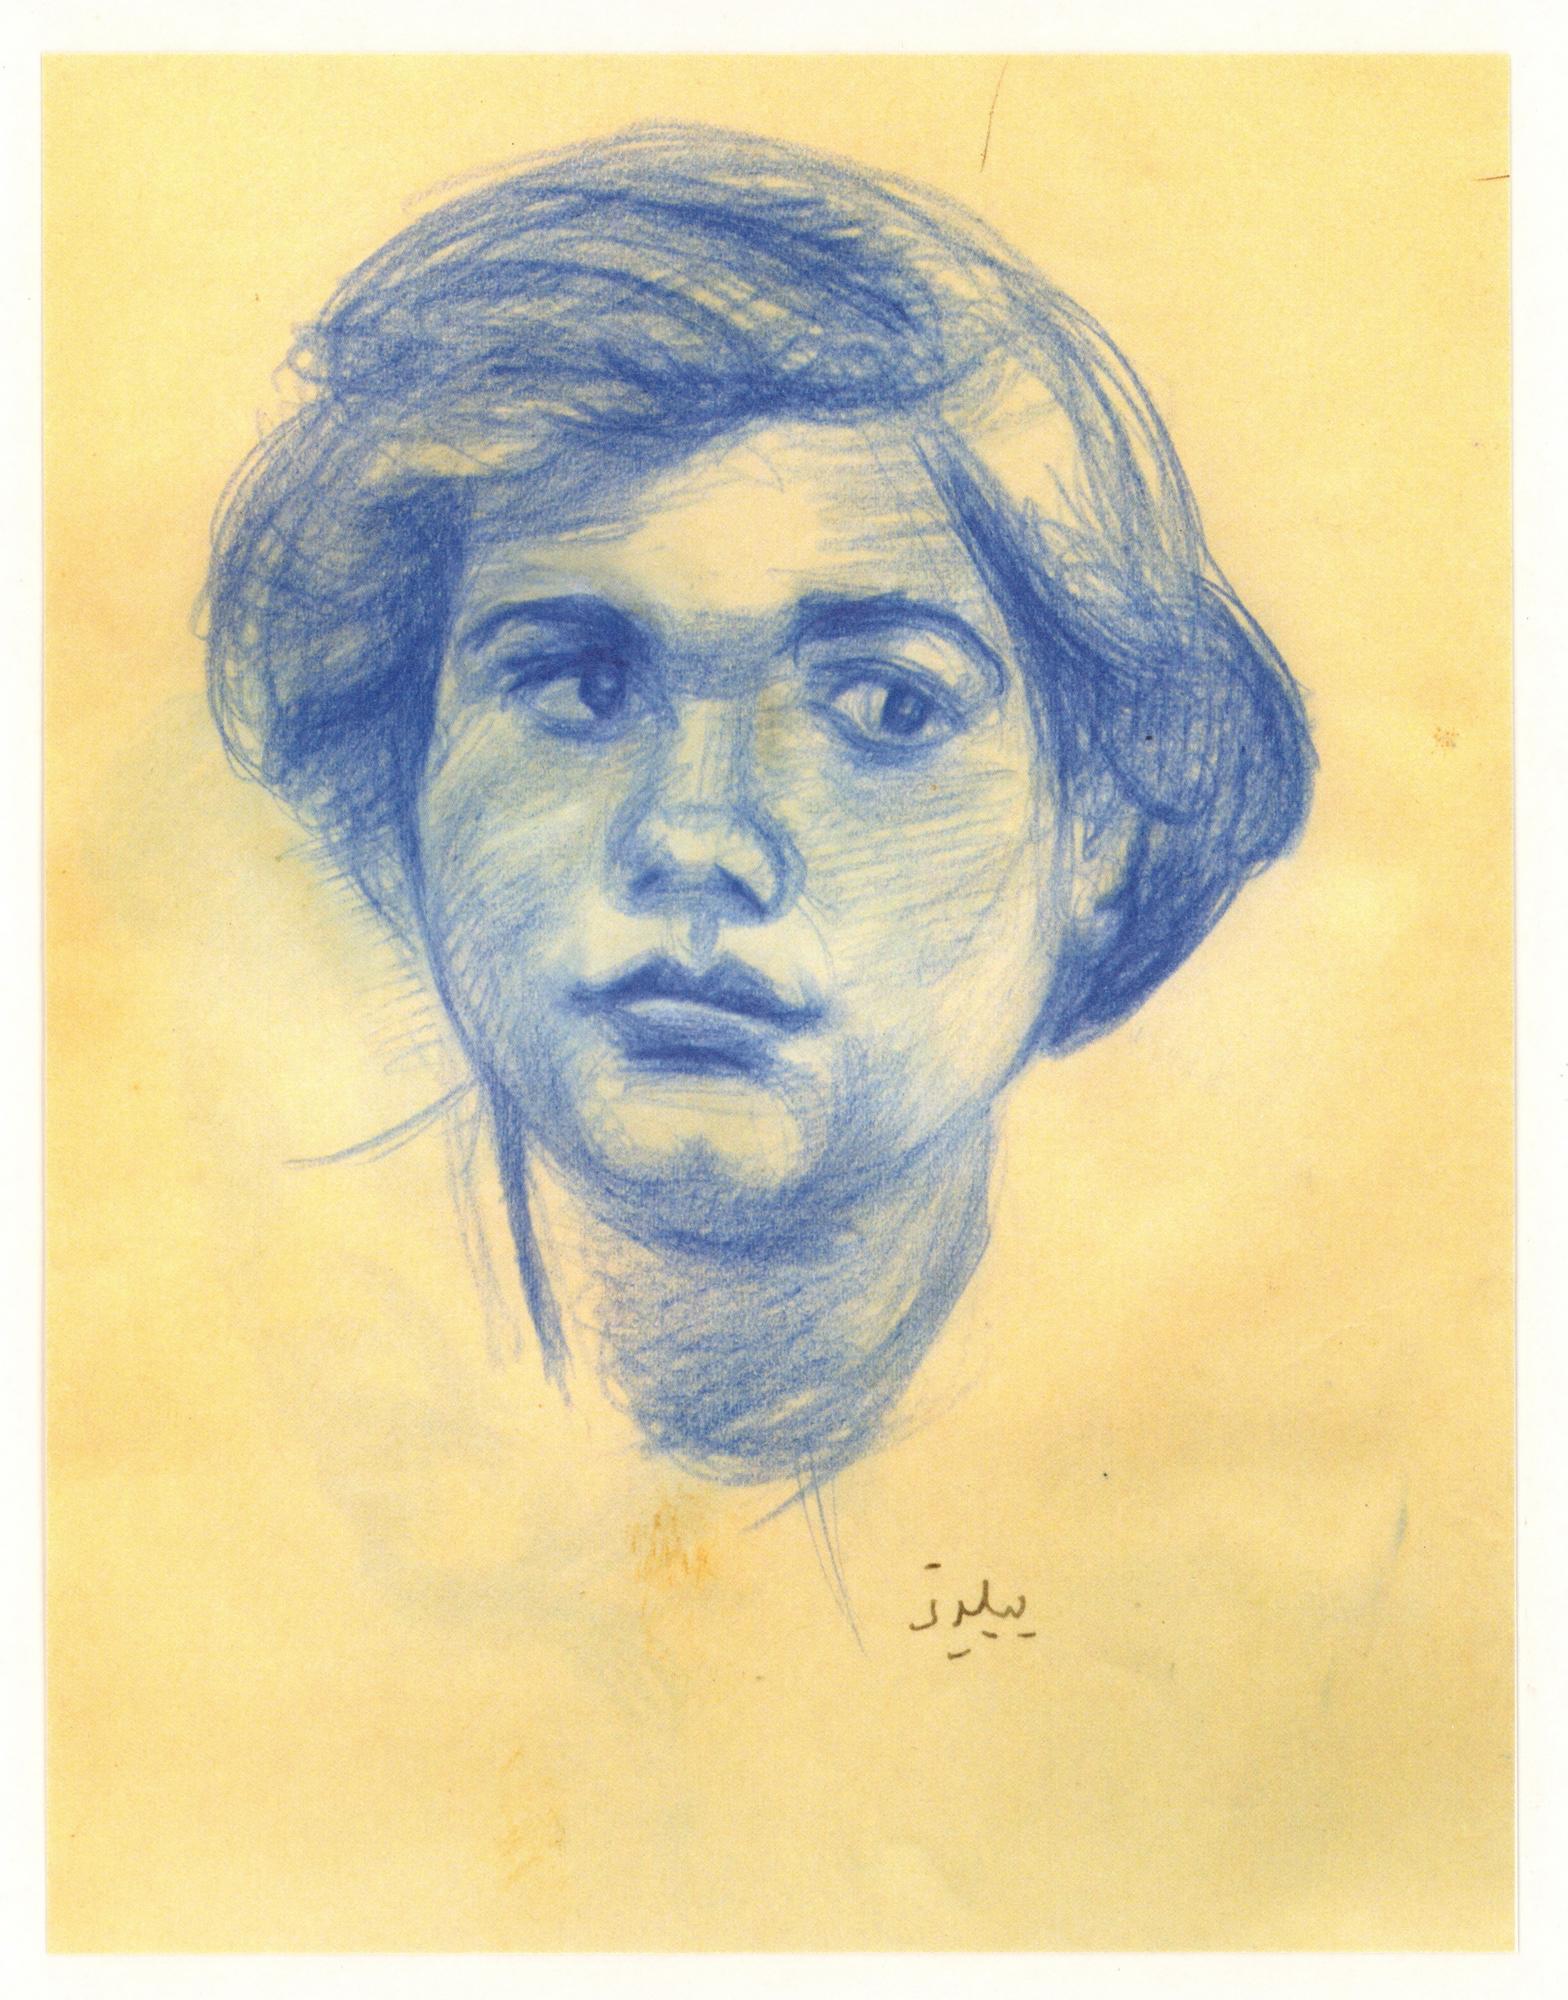 Yıldız Moran, by Emel Esin 1940's